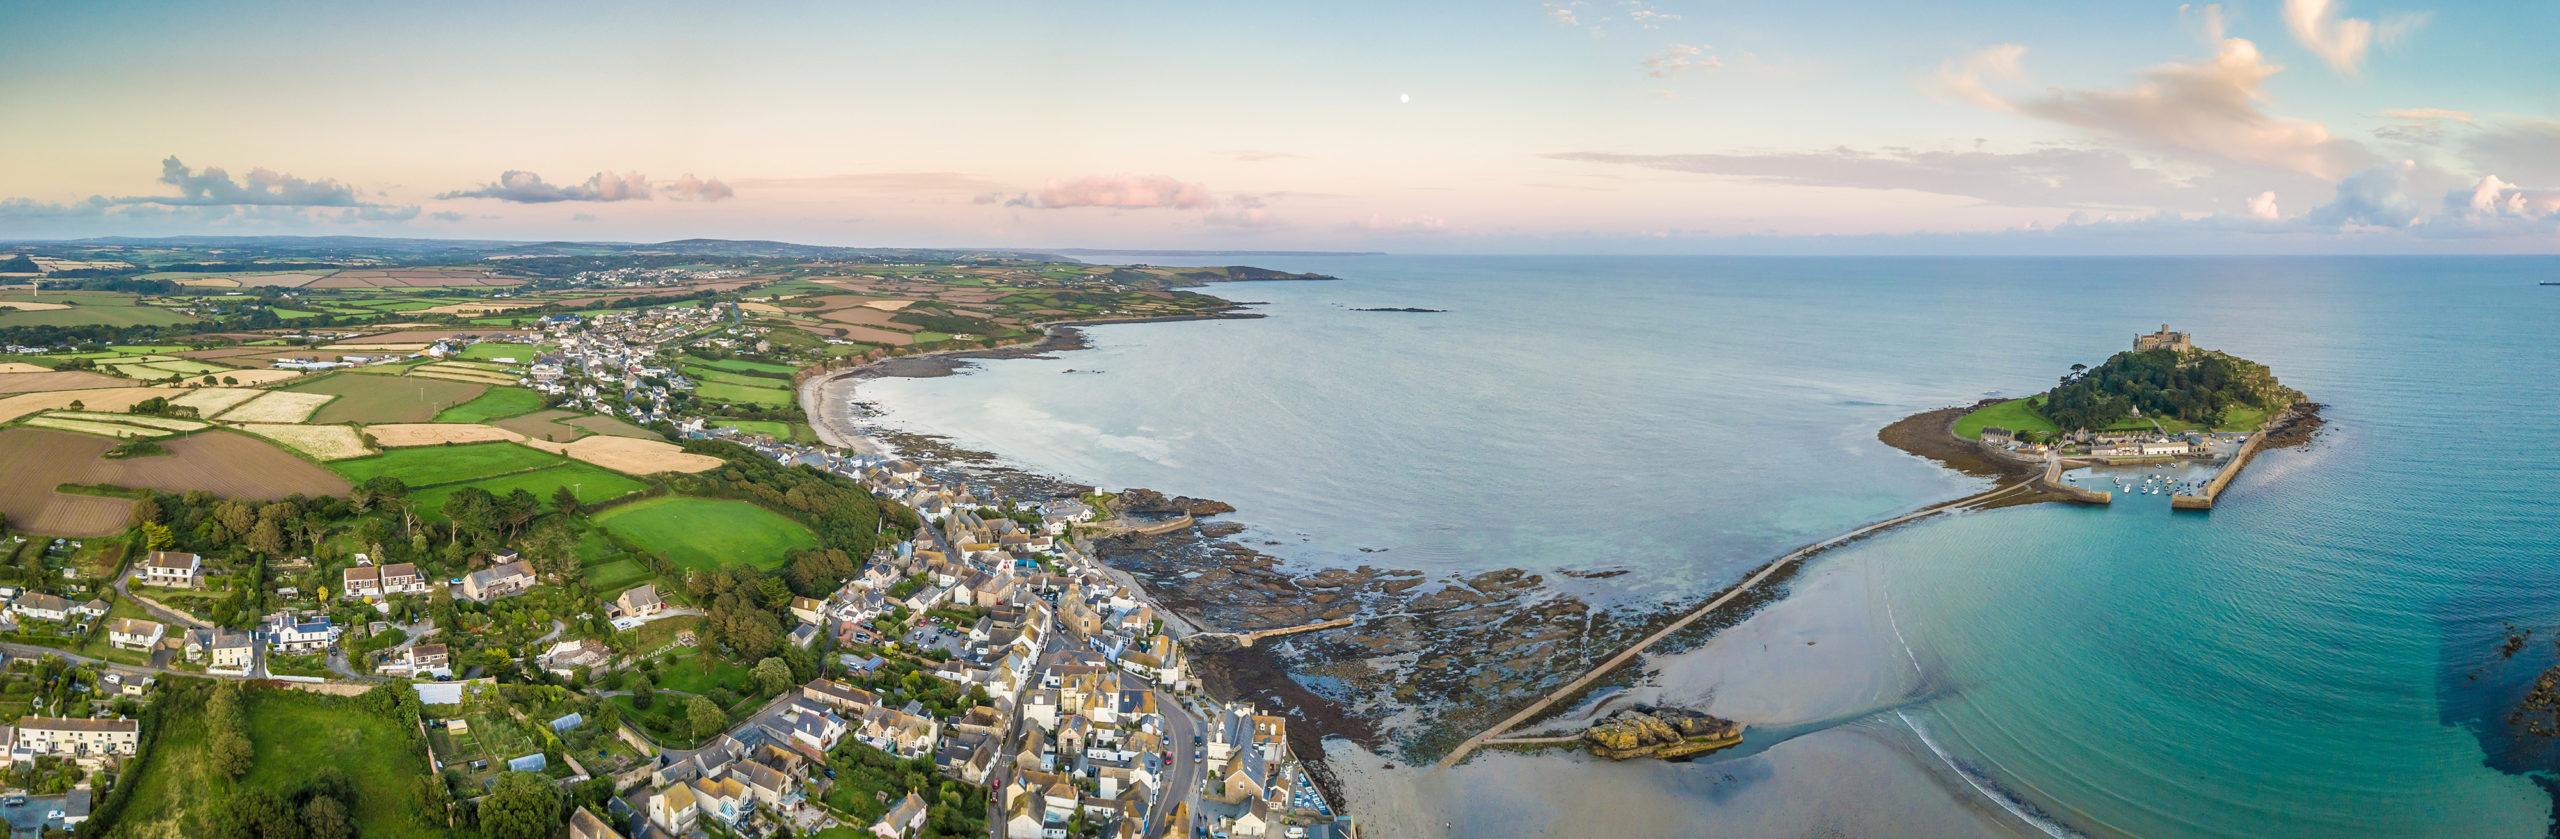 Marazion Aerial View